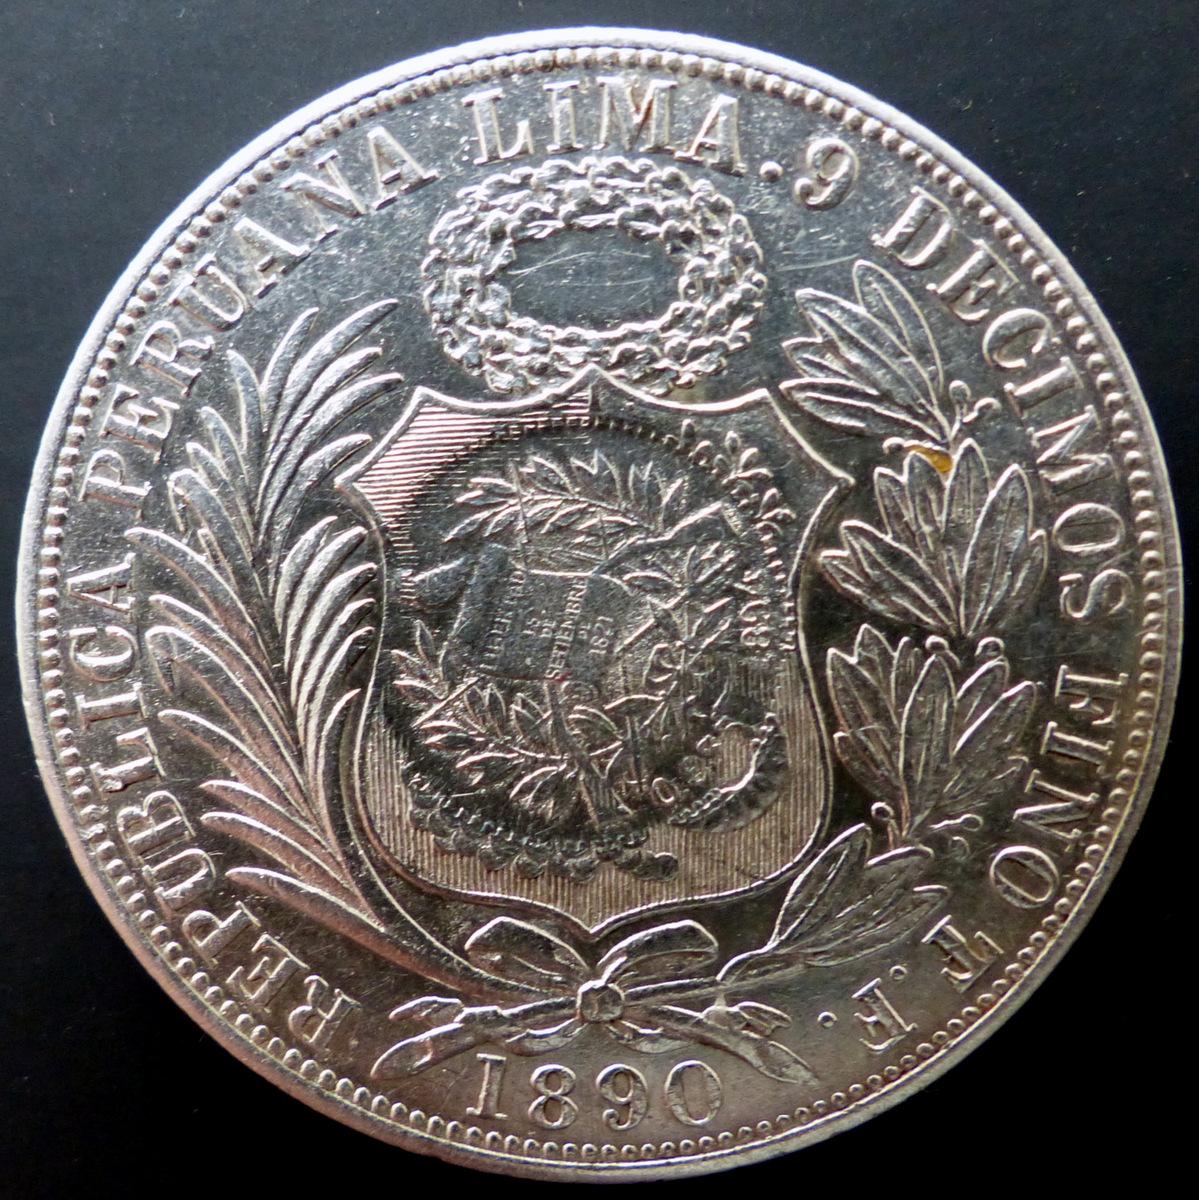 Perú - Un sol - 1890 - Resello 1/2 real - Guatemala - 1894 Un_sol_1890_r